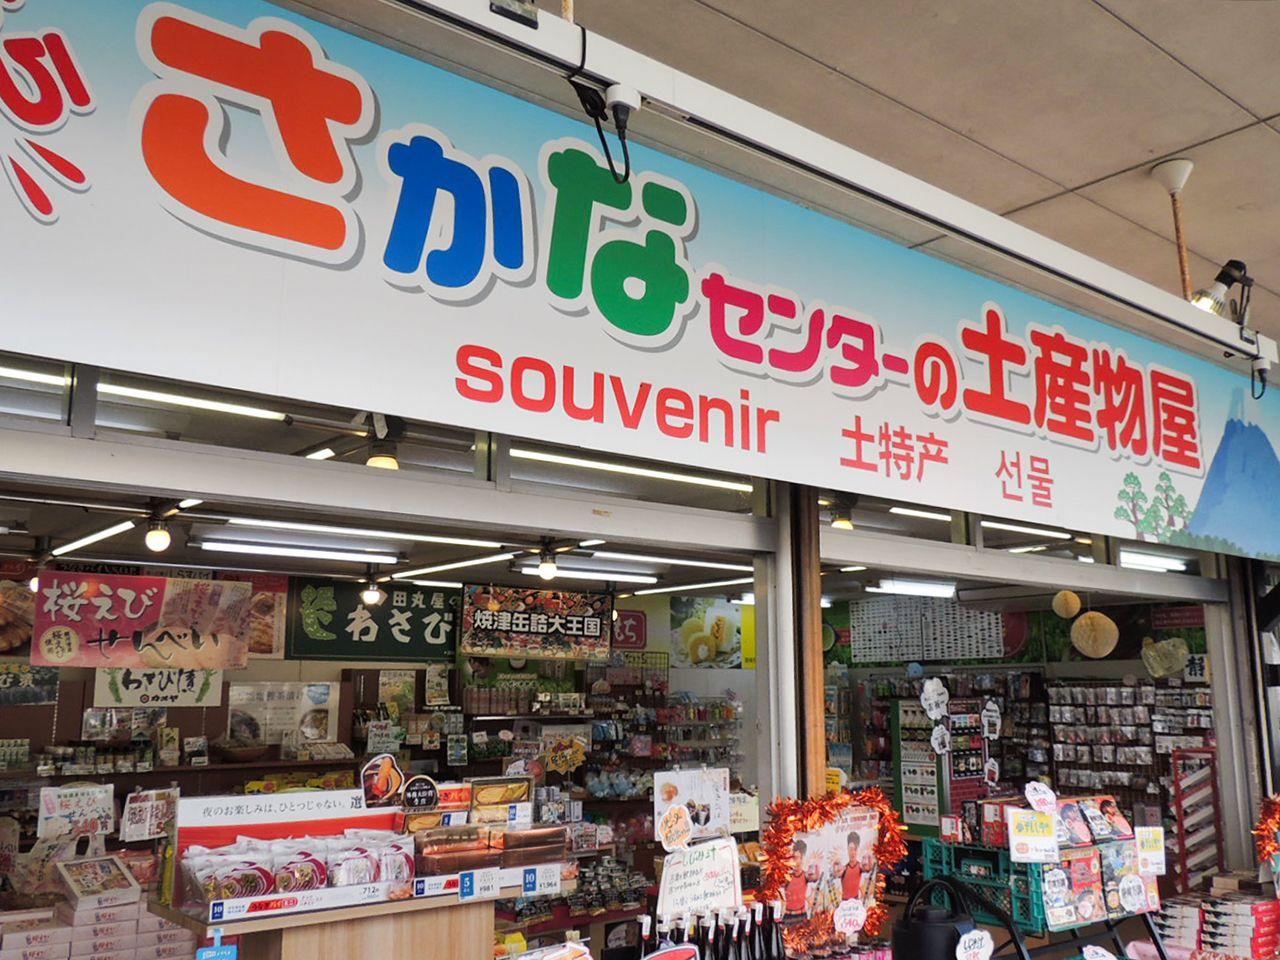 焼津さかなセンターの土産物店